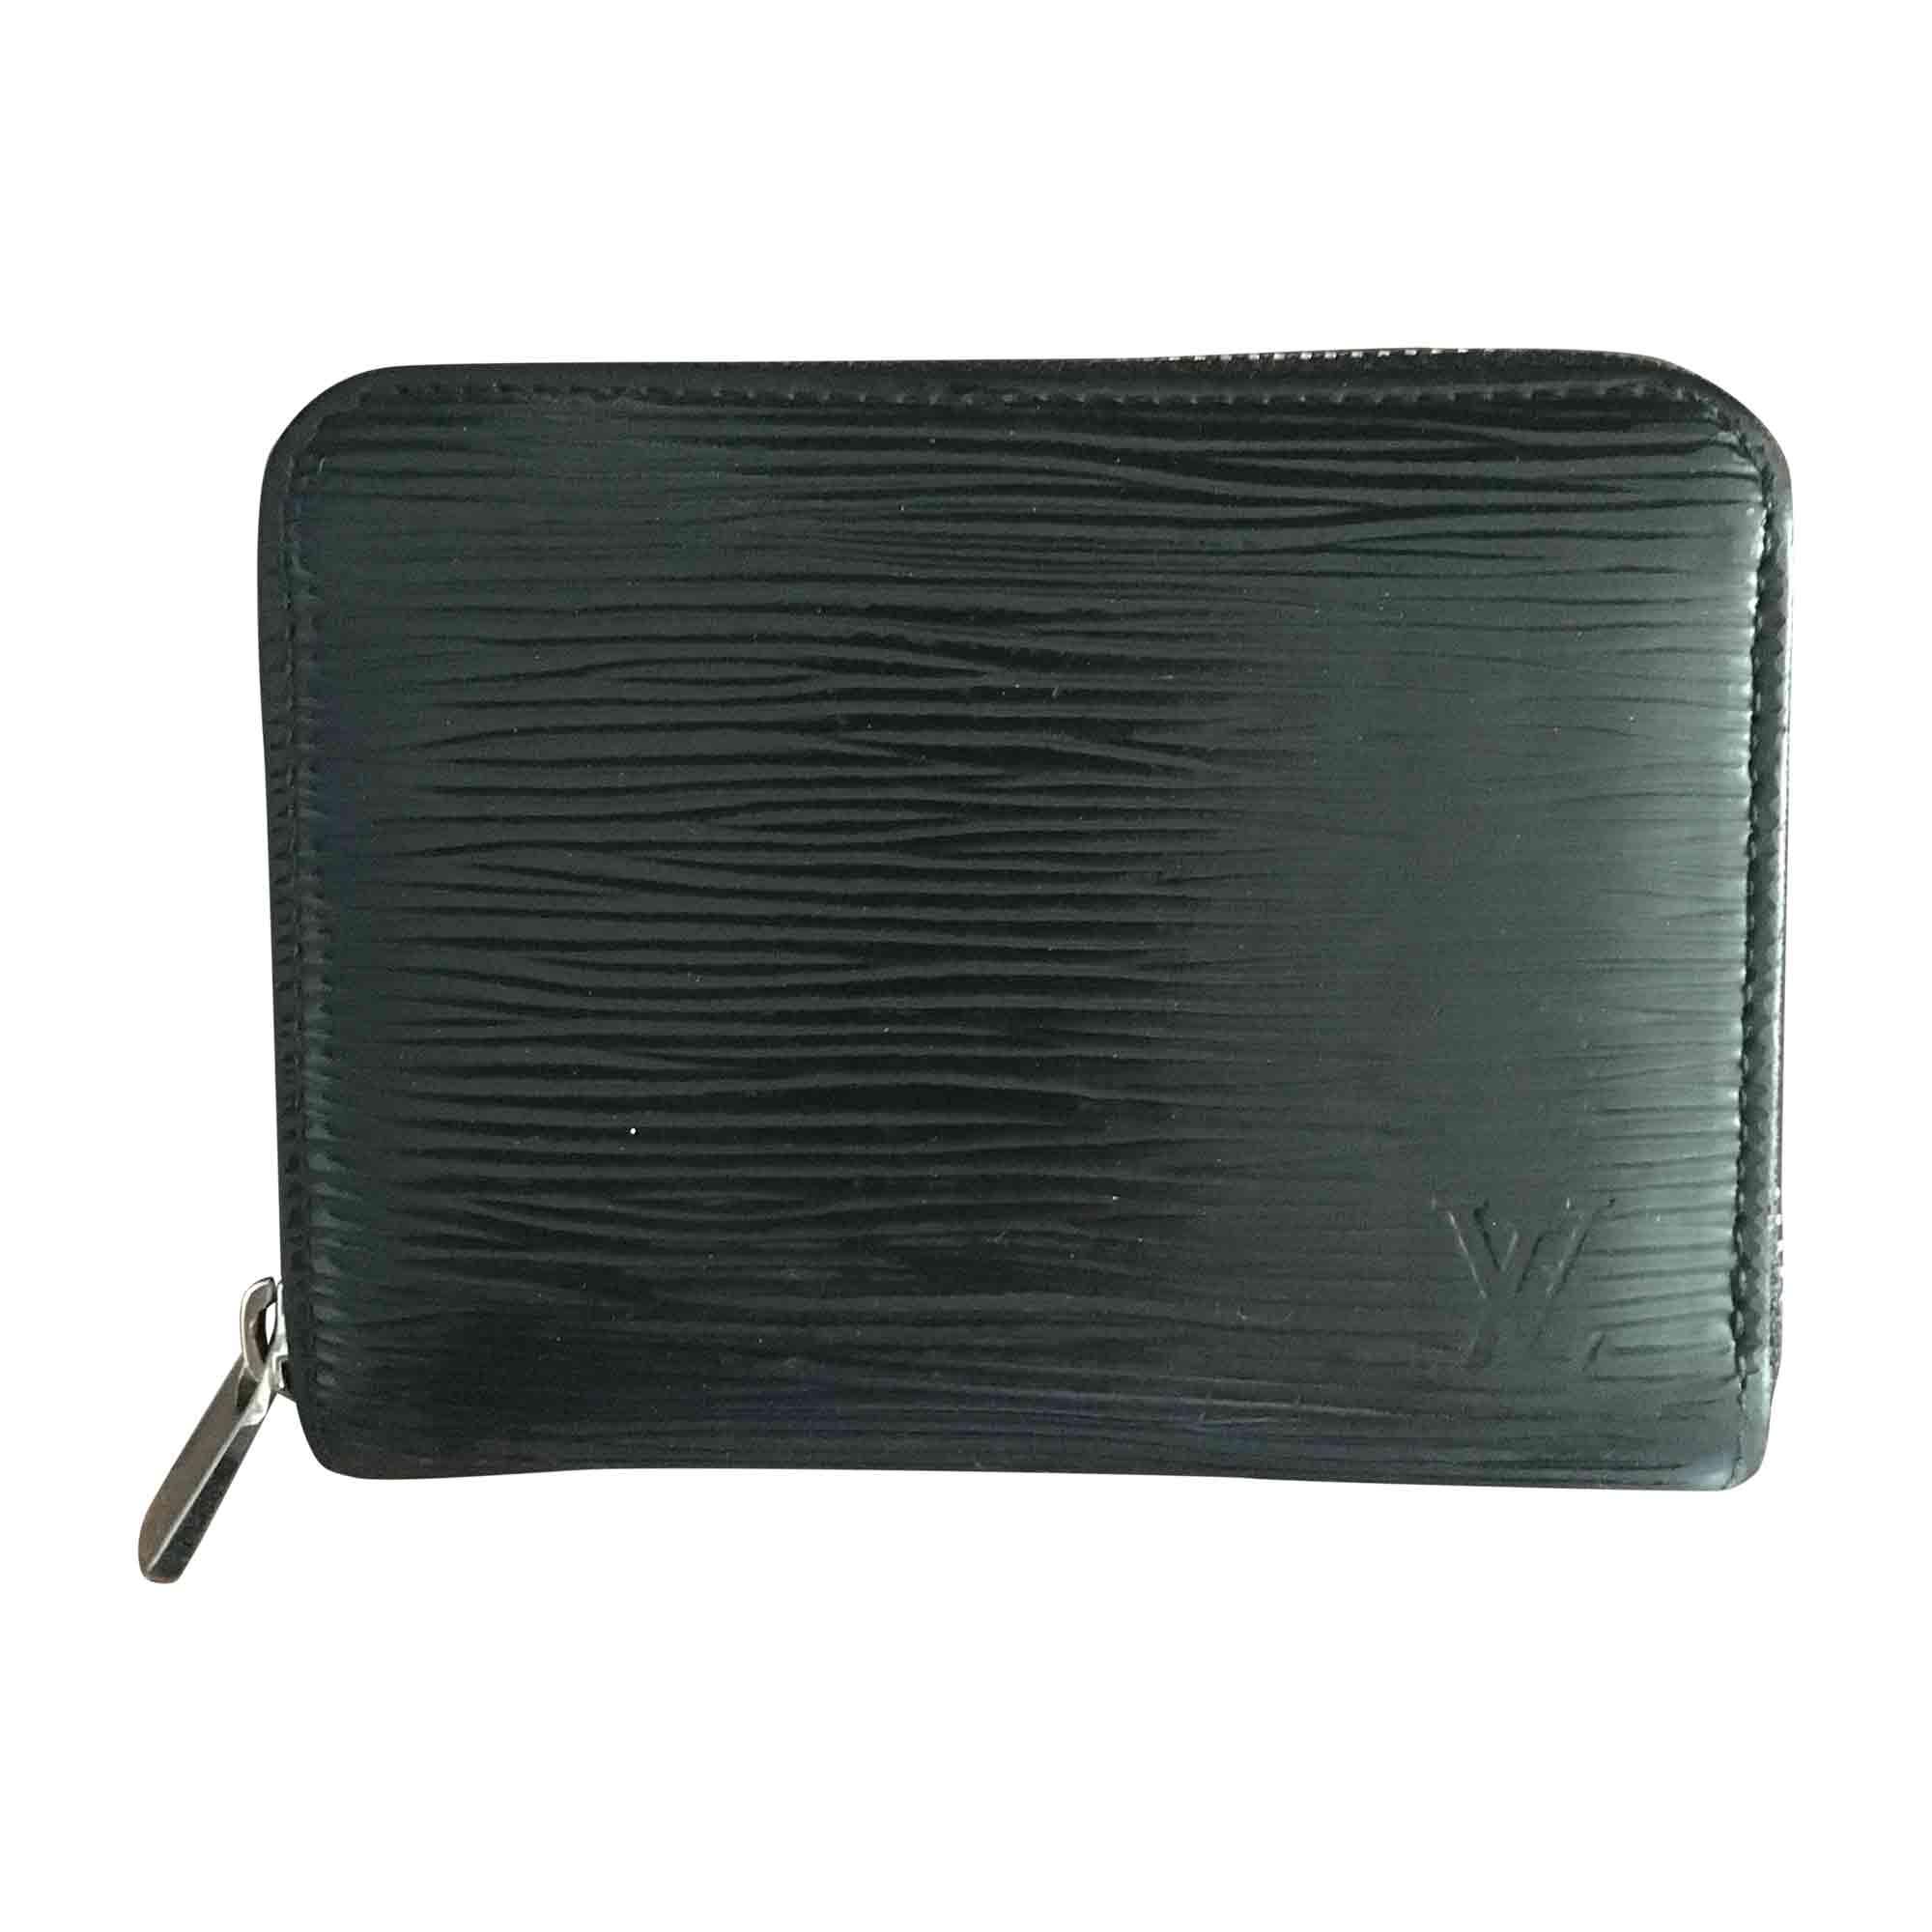 Porte-monnaie LOUIS VUITTON noir vendu par Leopold.d - 6620648 372c138e5d2